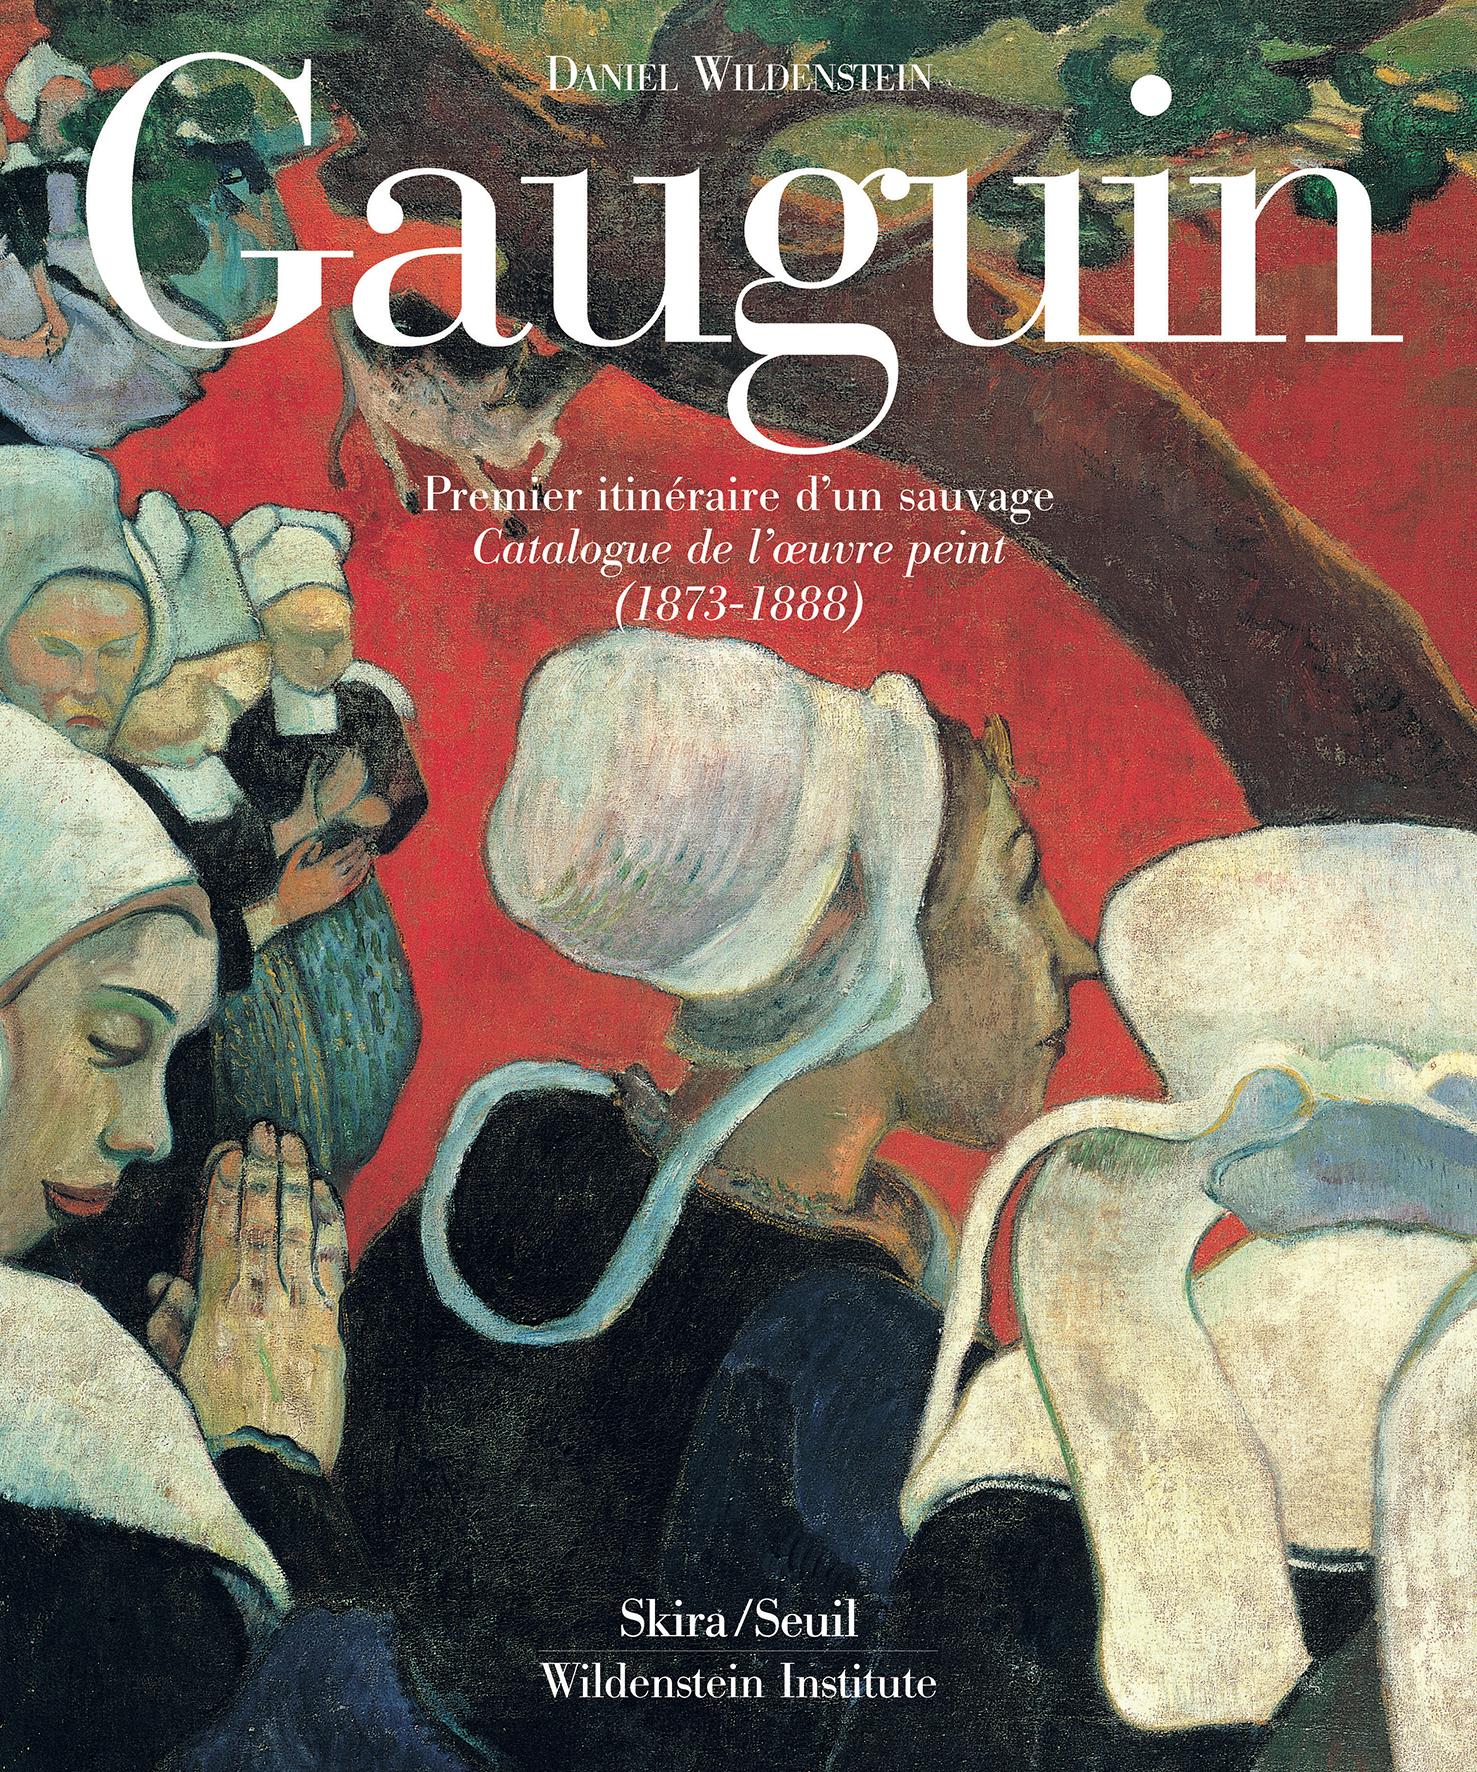 GAUGUIN 2VOLS SOUS COFFRET - PREMIER ITINERAIRE D'UN SAUVAGE-CATALOGUE OEUVRE PEINT 1873-88